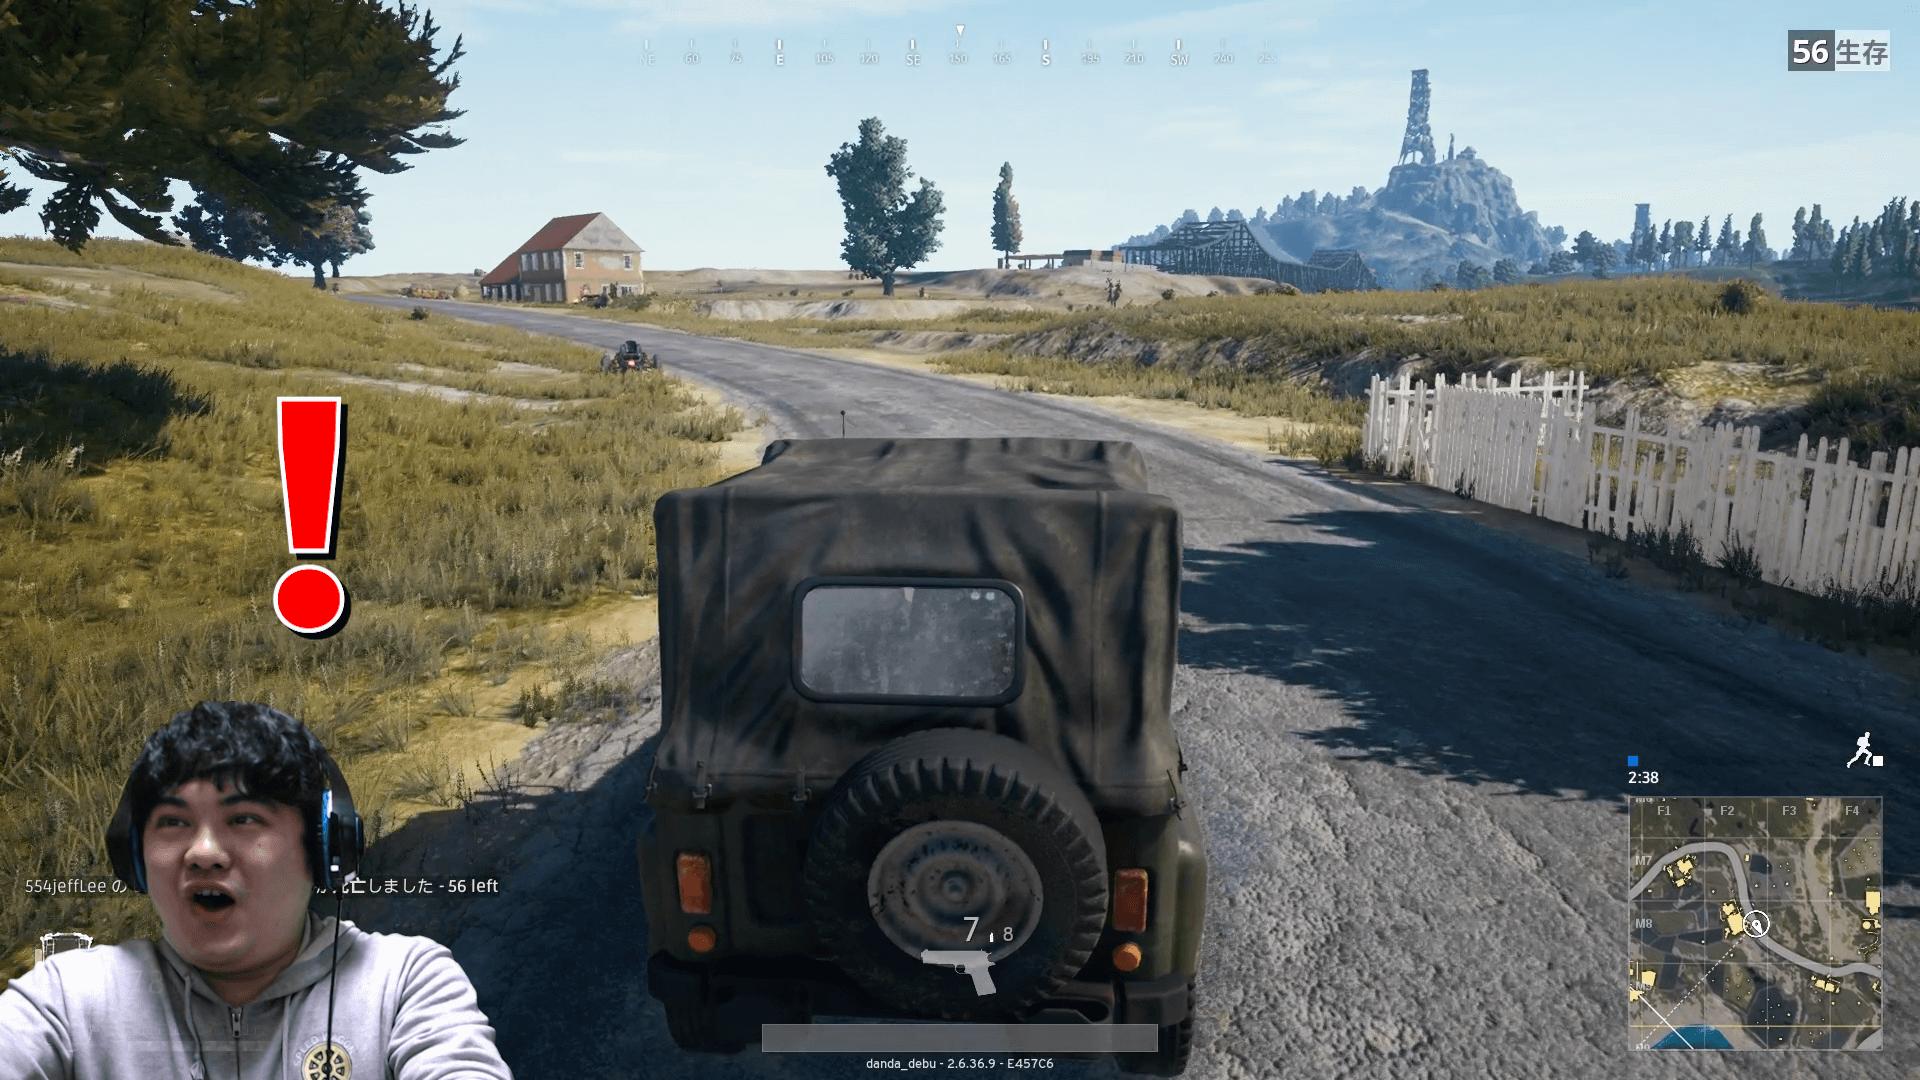 車狙撃される